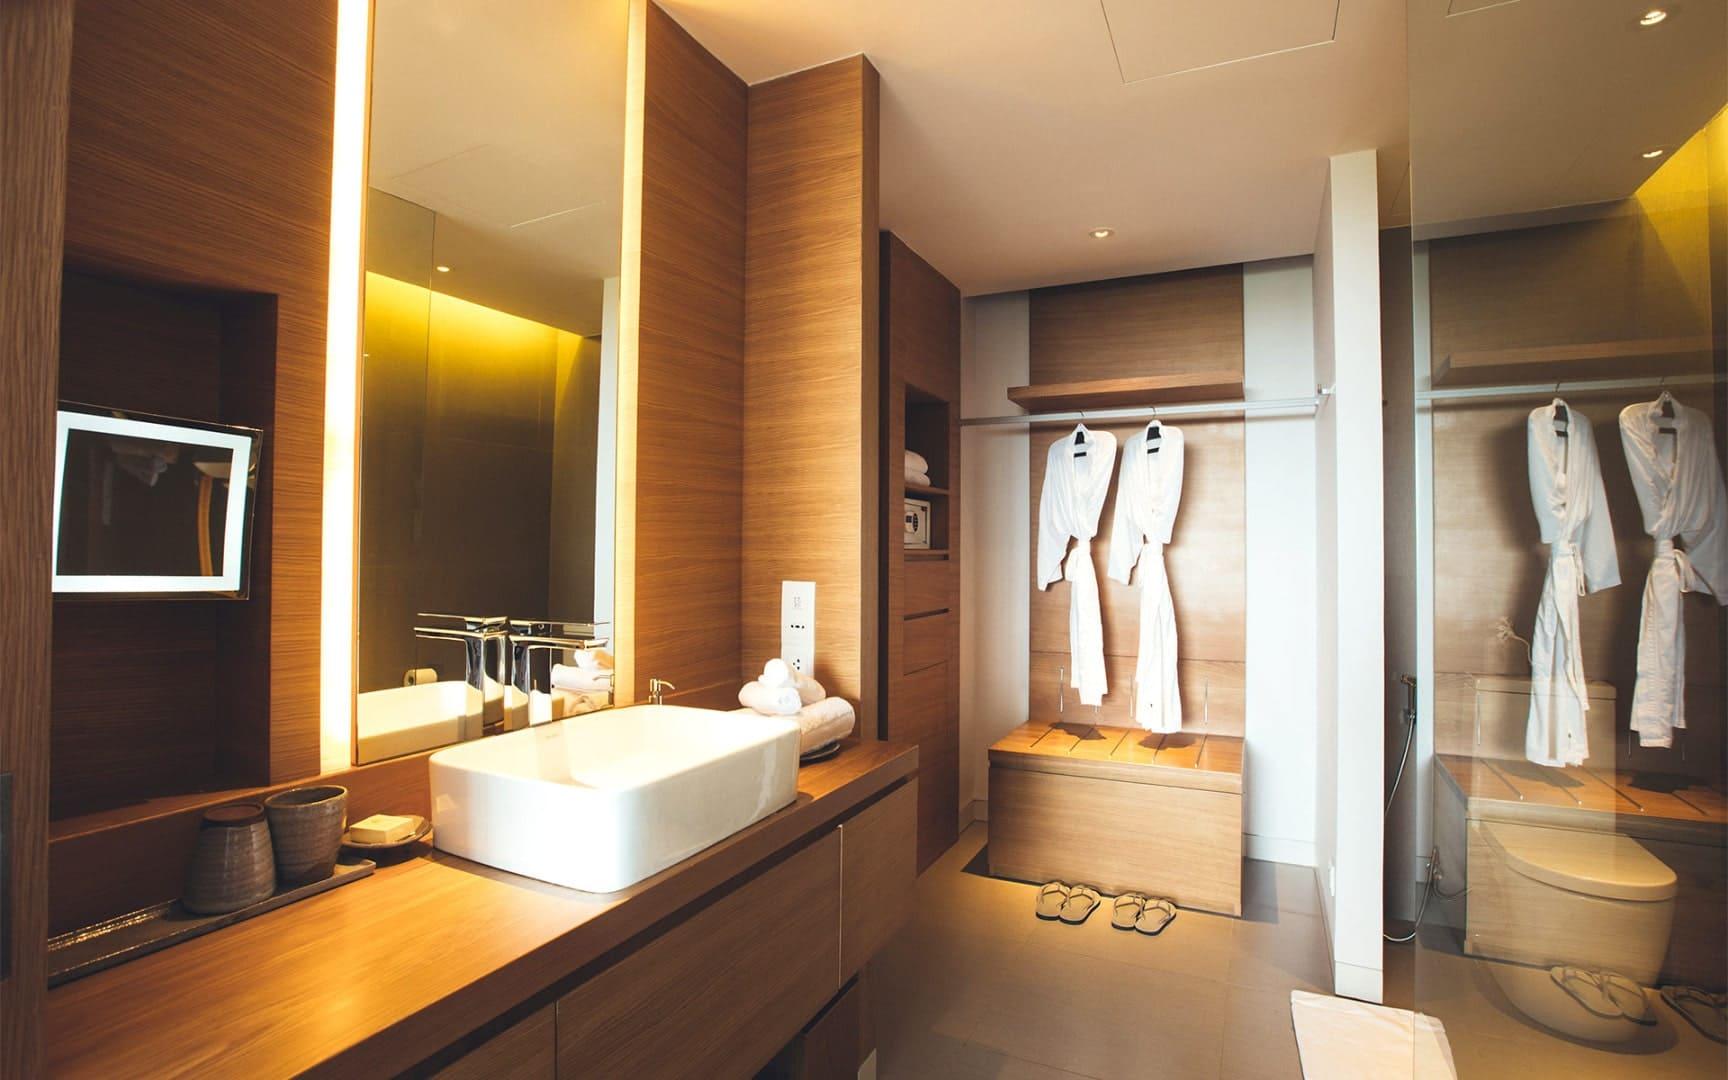 Sự chỉnh chu trong từng chi tiết tại phòng Babylon Naman Resort Đà Nẵng